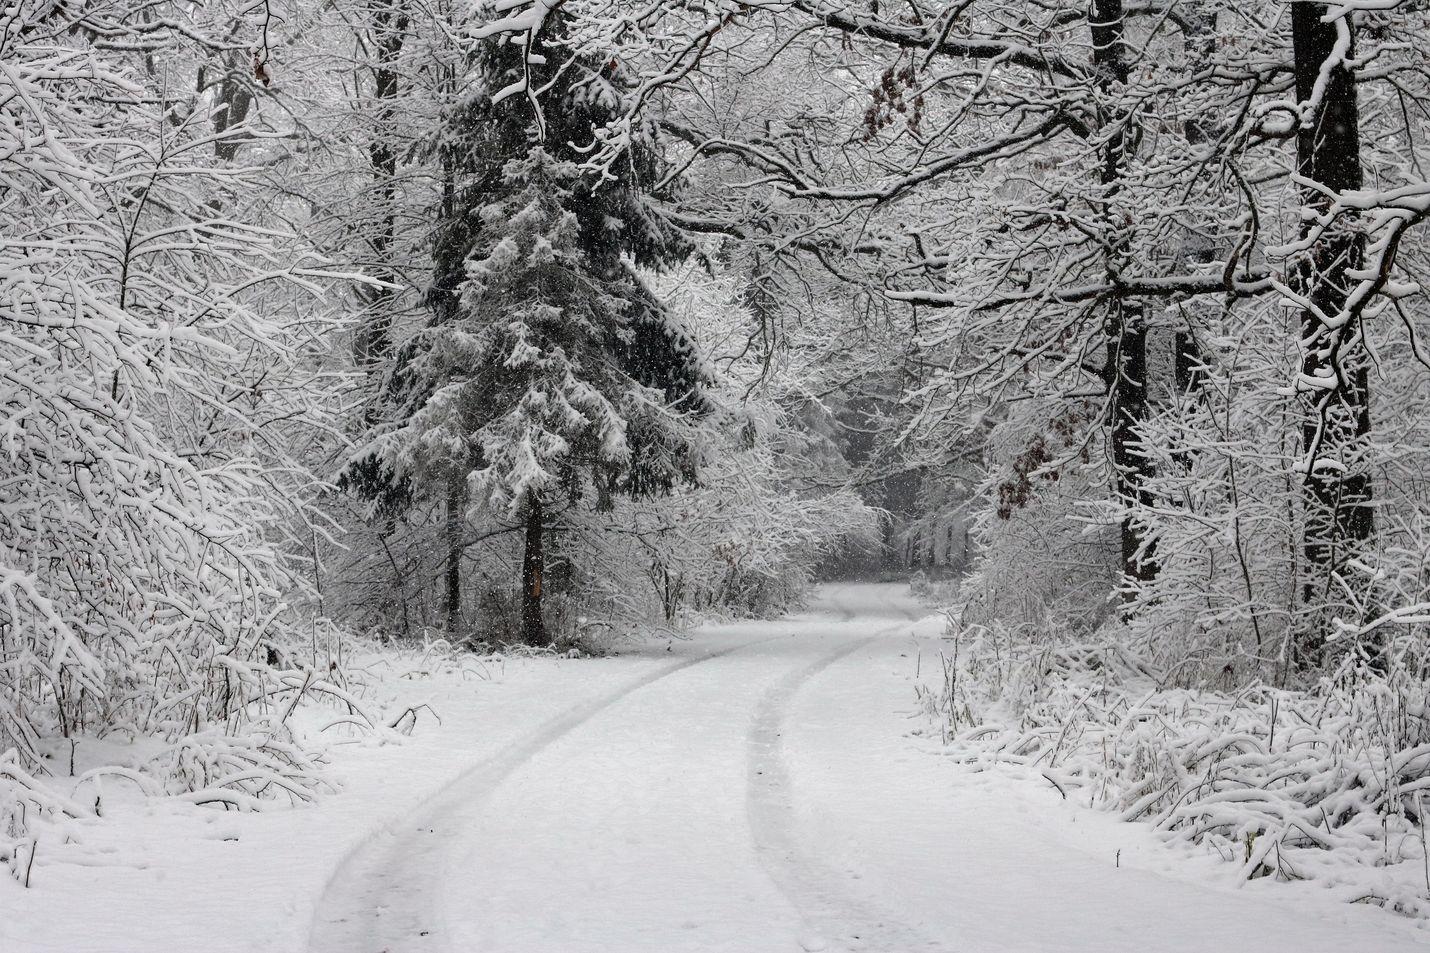 Uusi ennuste: talvi alkaa lauhana, mutta sitten iskee Siperian kylmyys